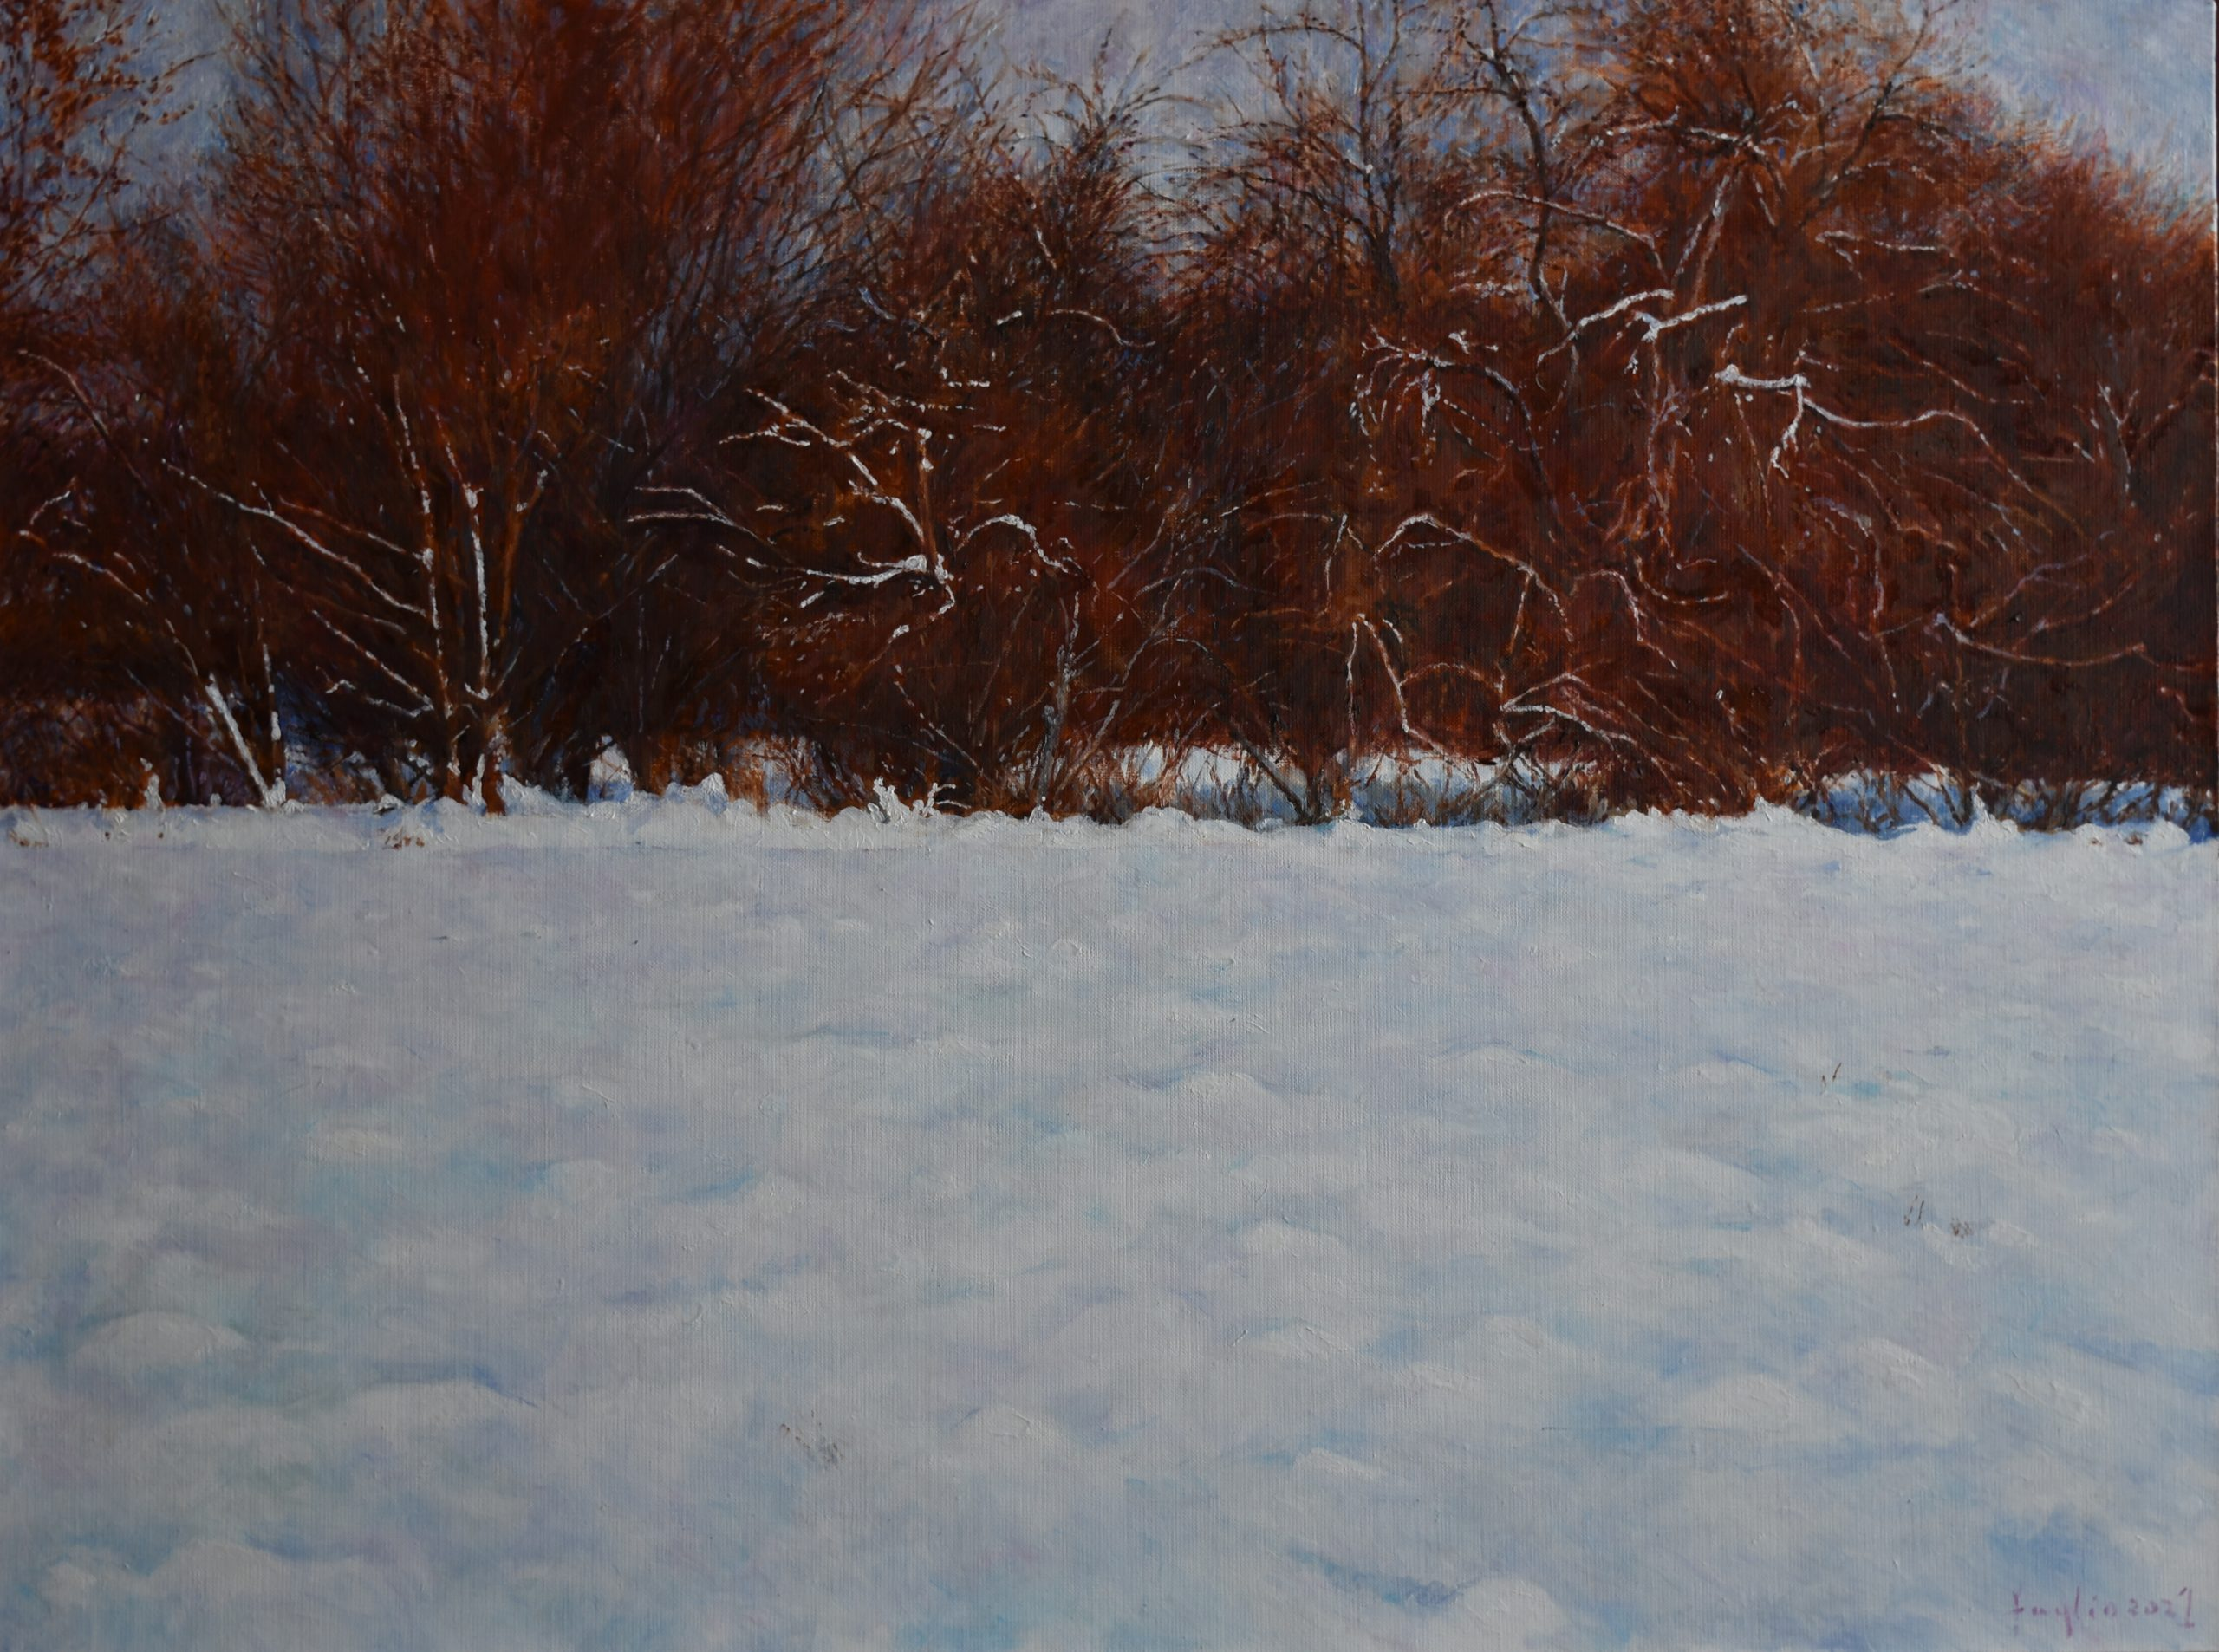 Zima 2021, olej na płótnie, 60 x80